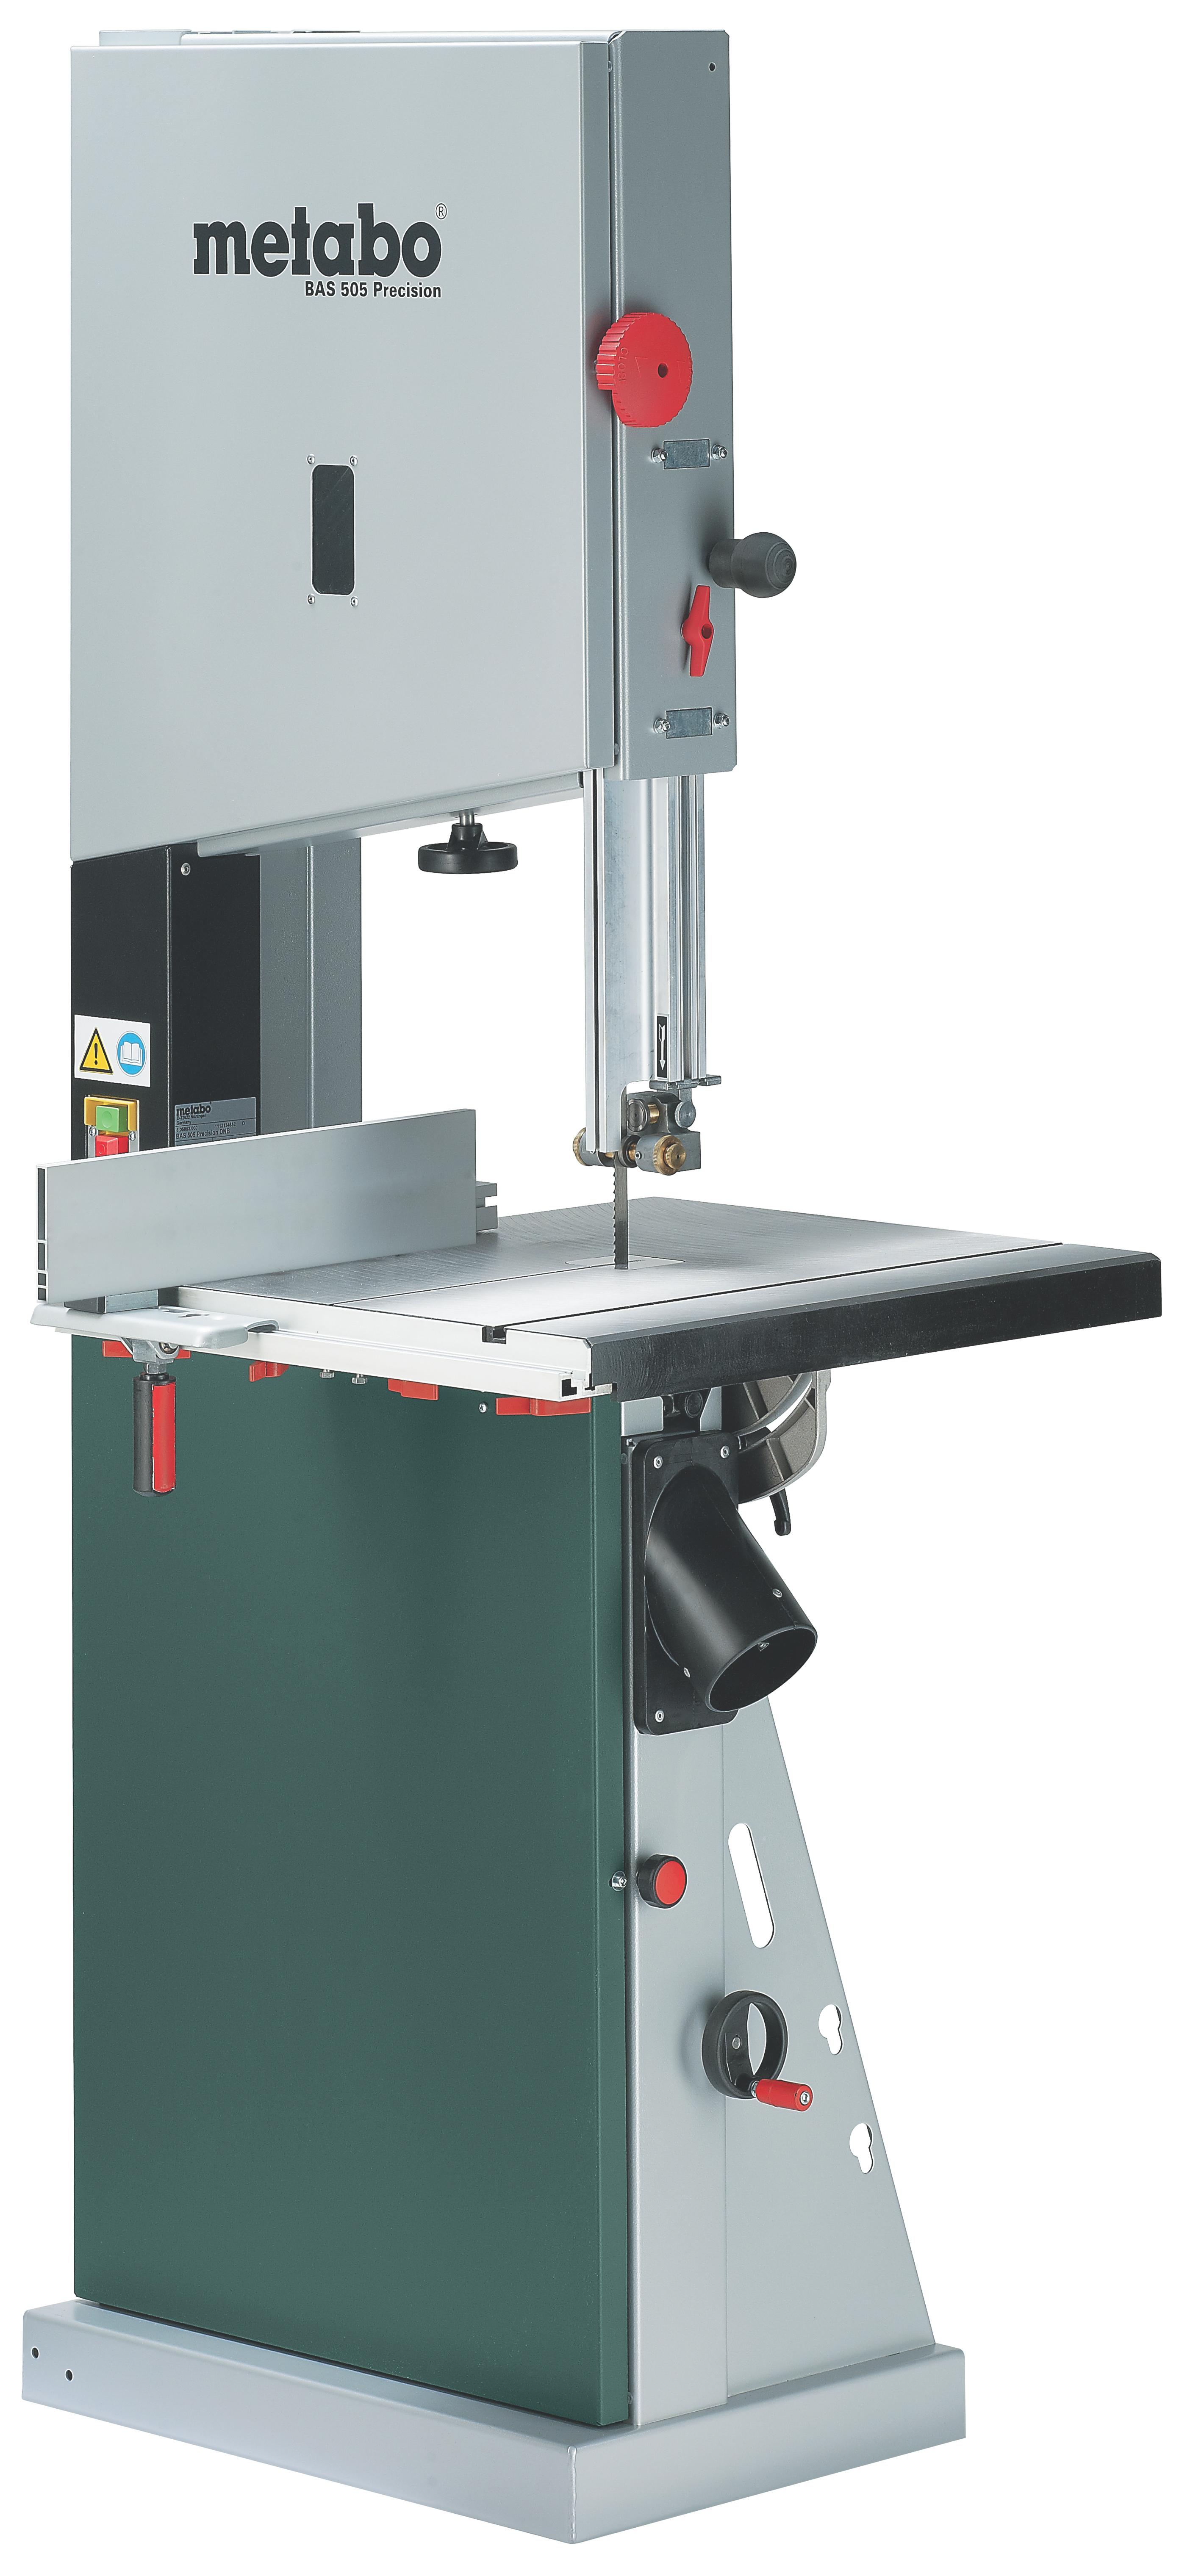 Пила ленточная Metabo Bas 505 precision wnb 220 в - это правильное решение. Потому что купить продукцию марки Metabo - это удобно и недорого.